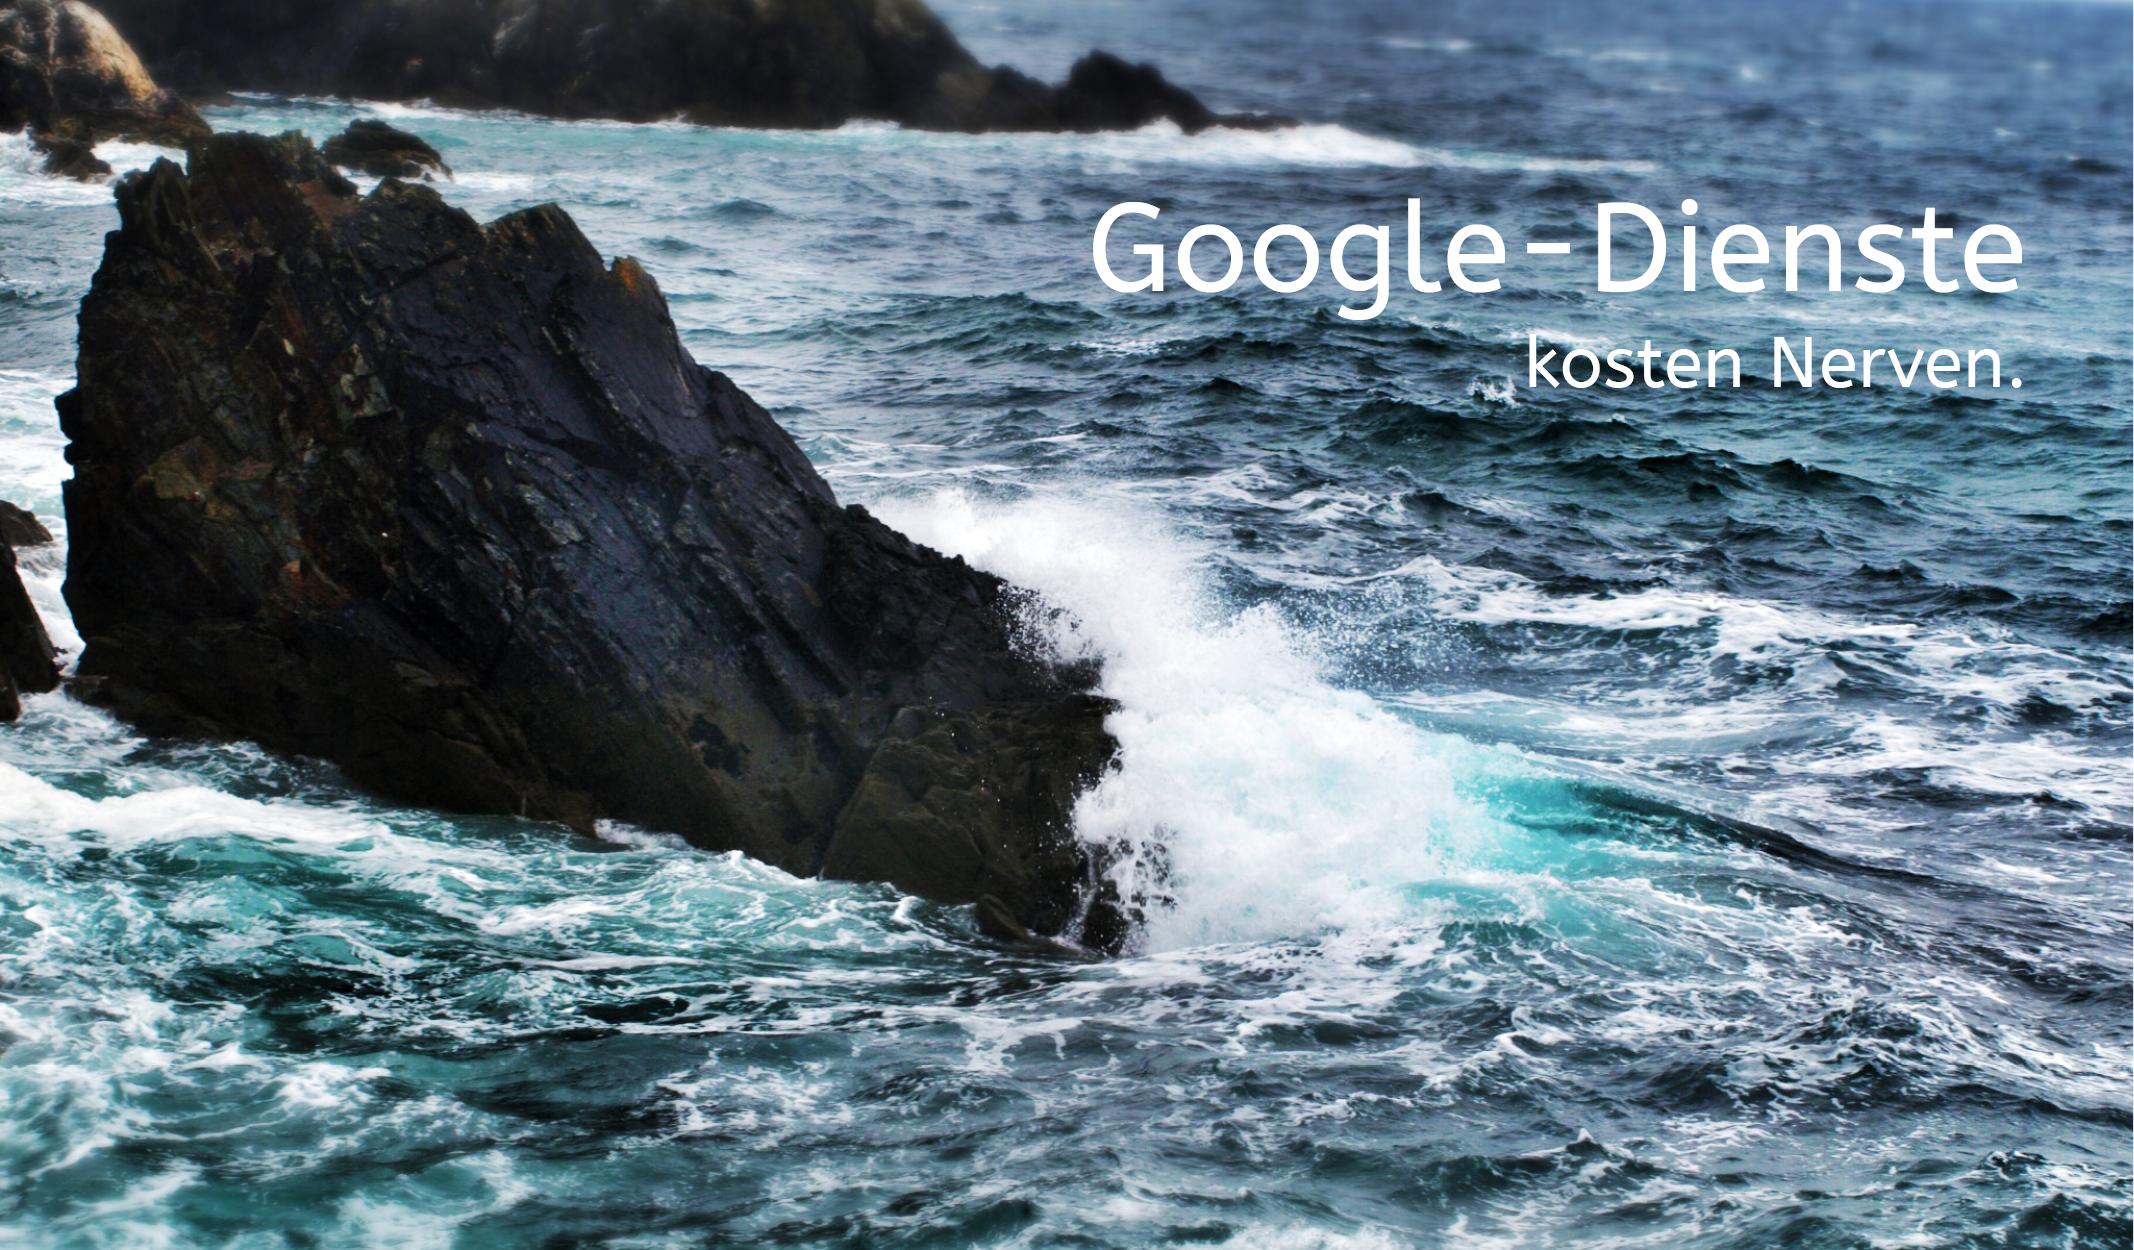 Google-Dienste nerven.